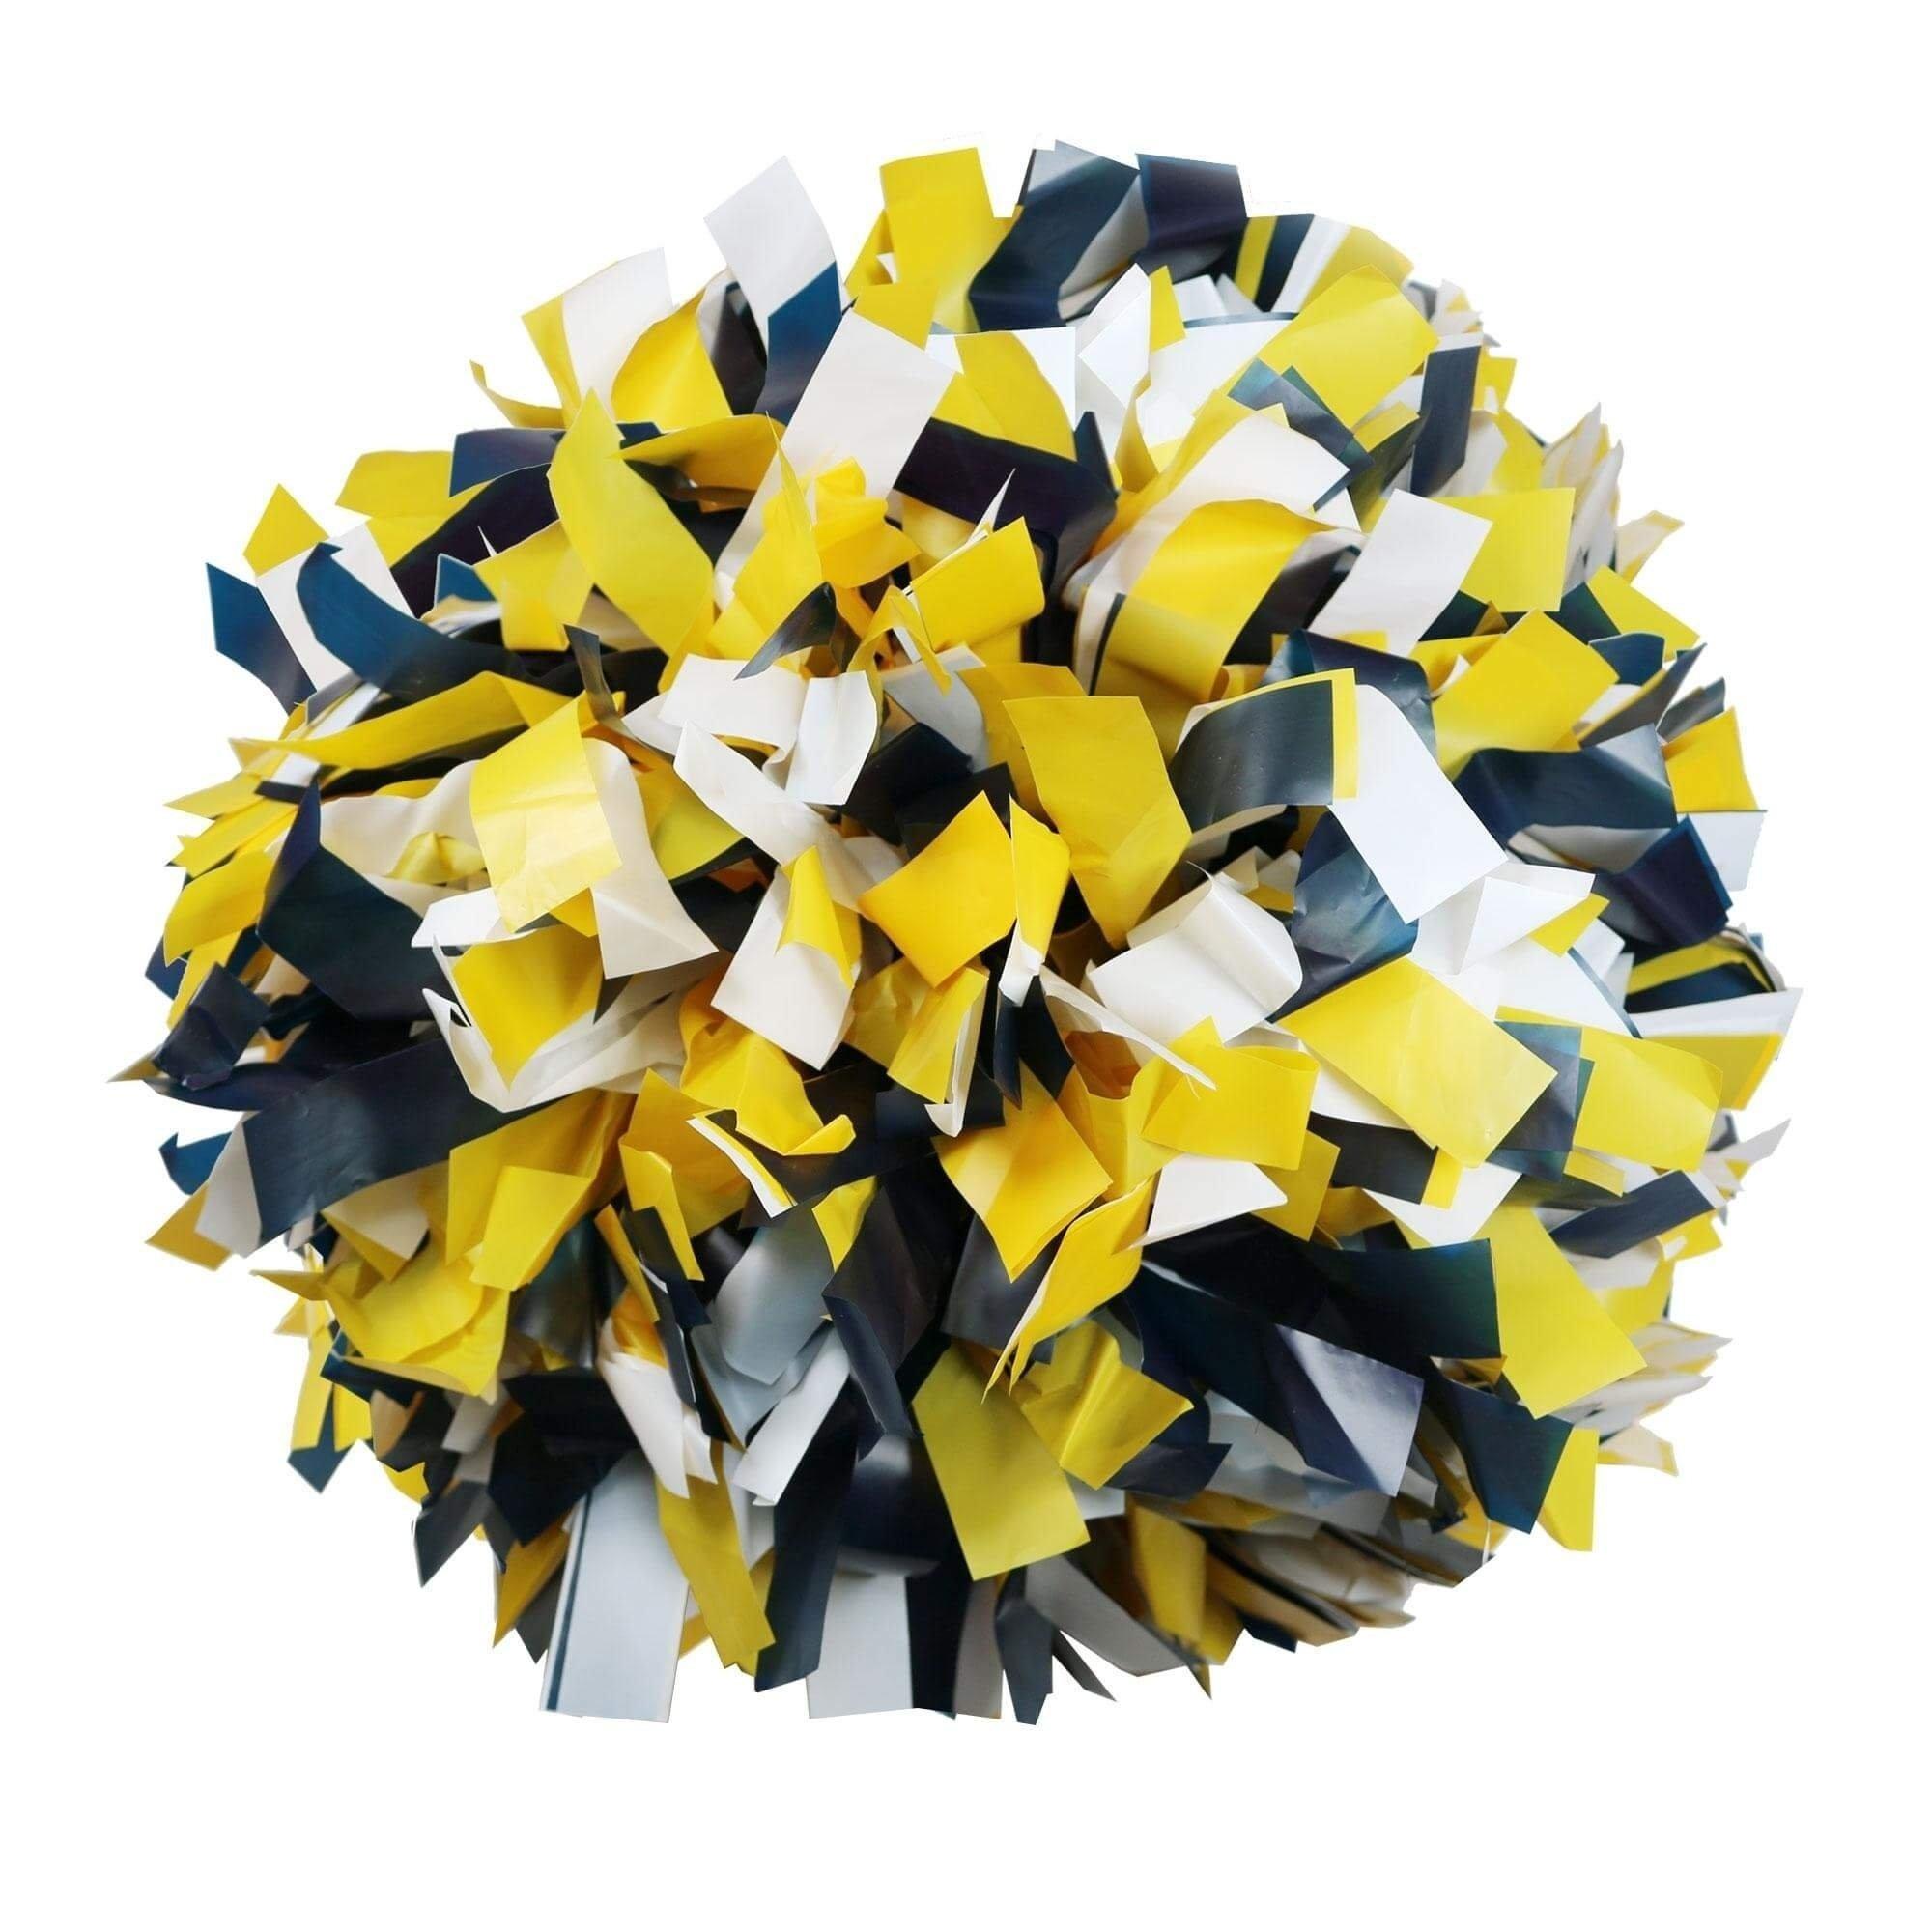 Cheerleading Pom Poms Cheer Poms Cheerleading Uniforms Cheap Pom